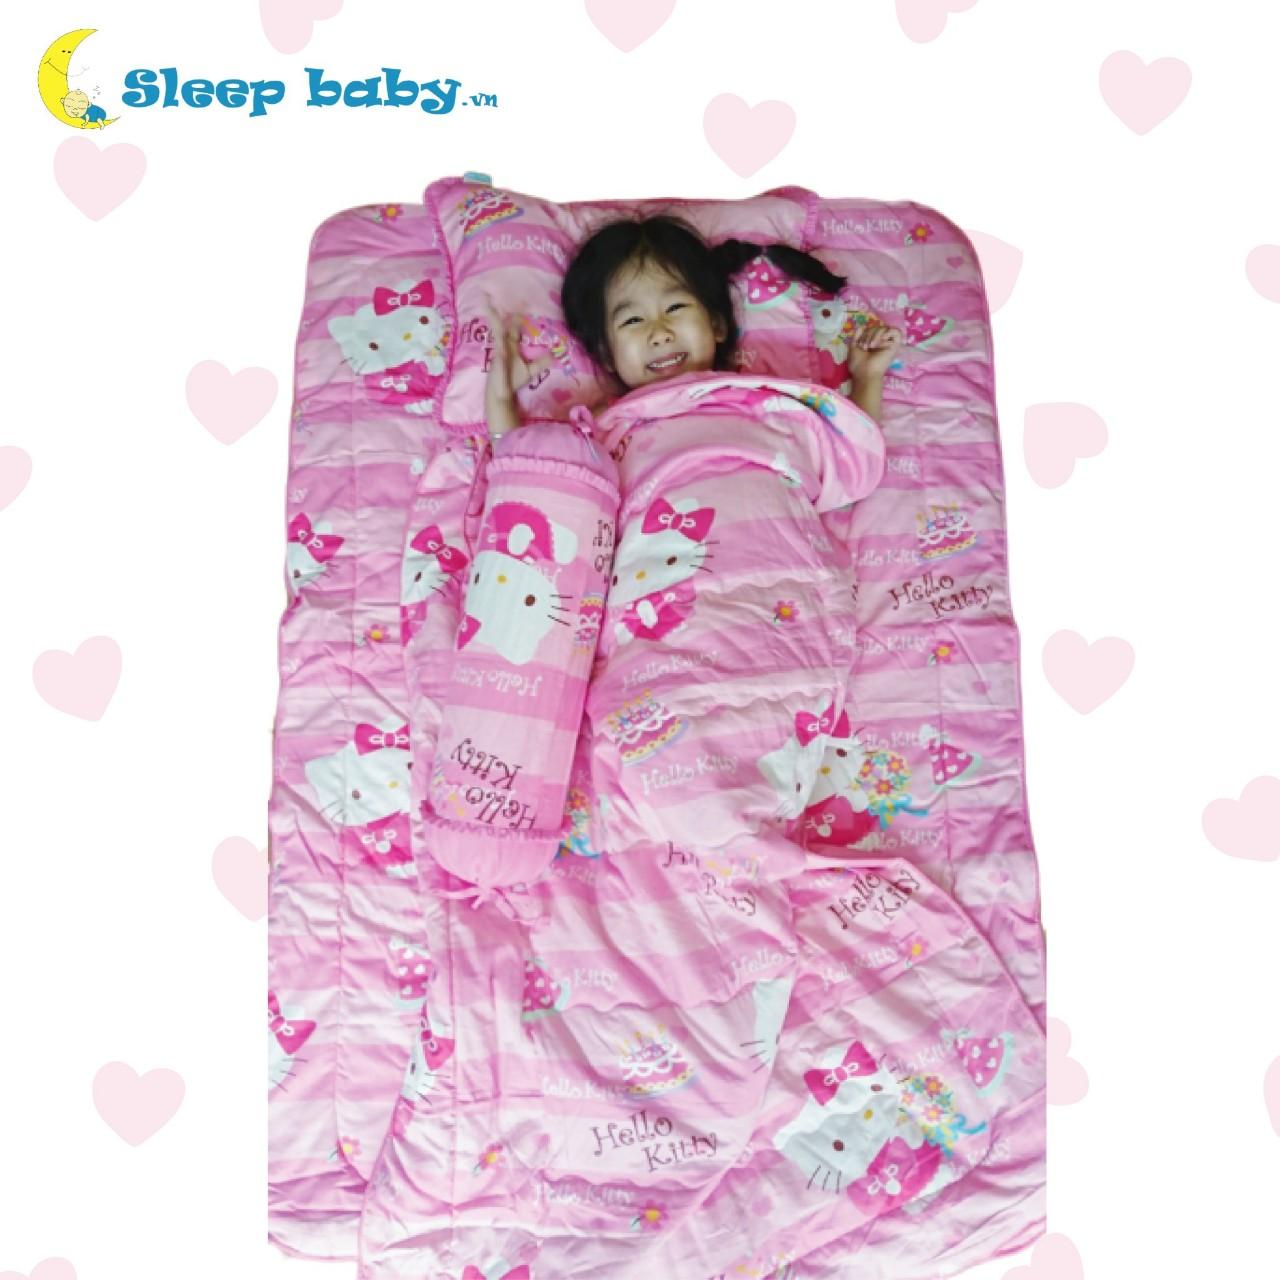 Bộ chăn gối cho bé đi học Sleep Baby